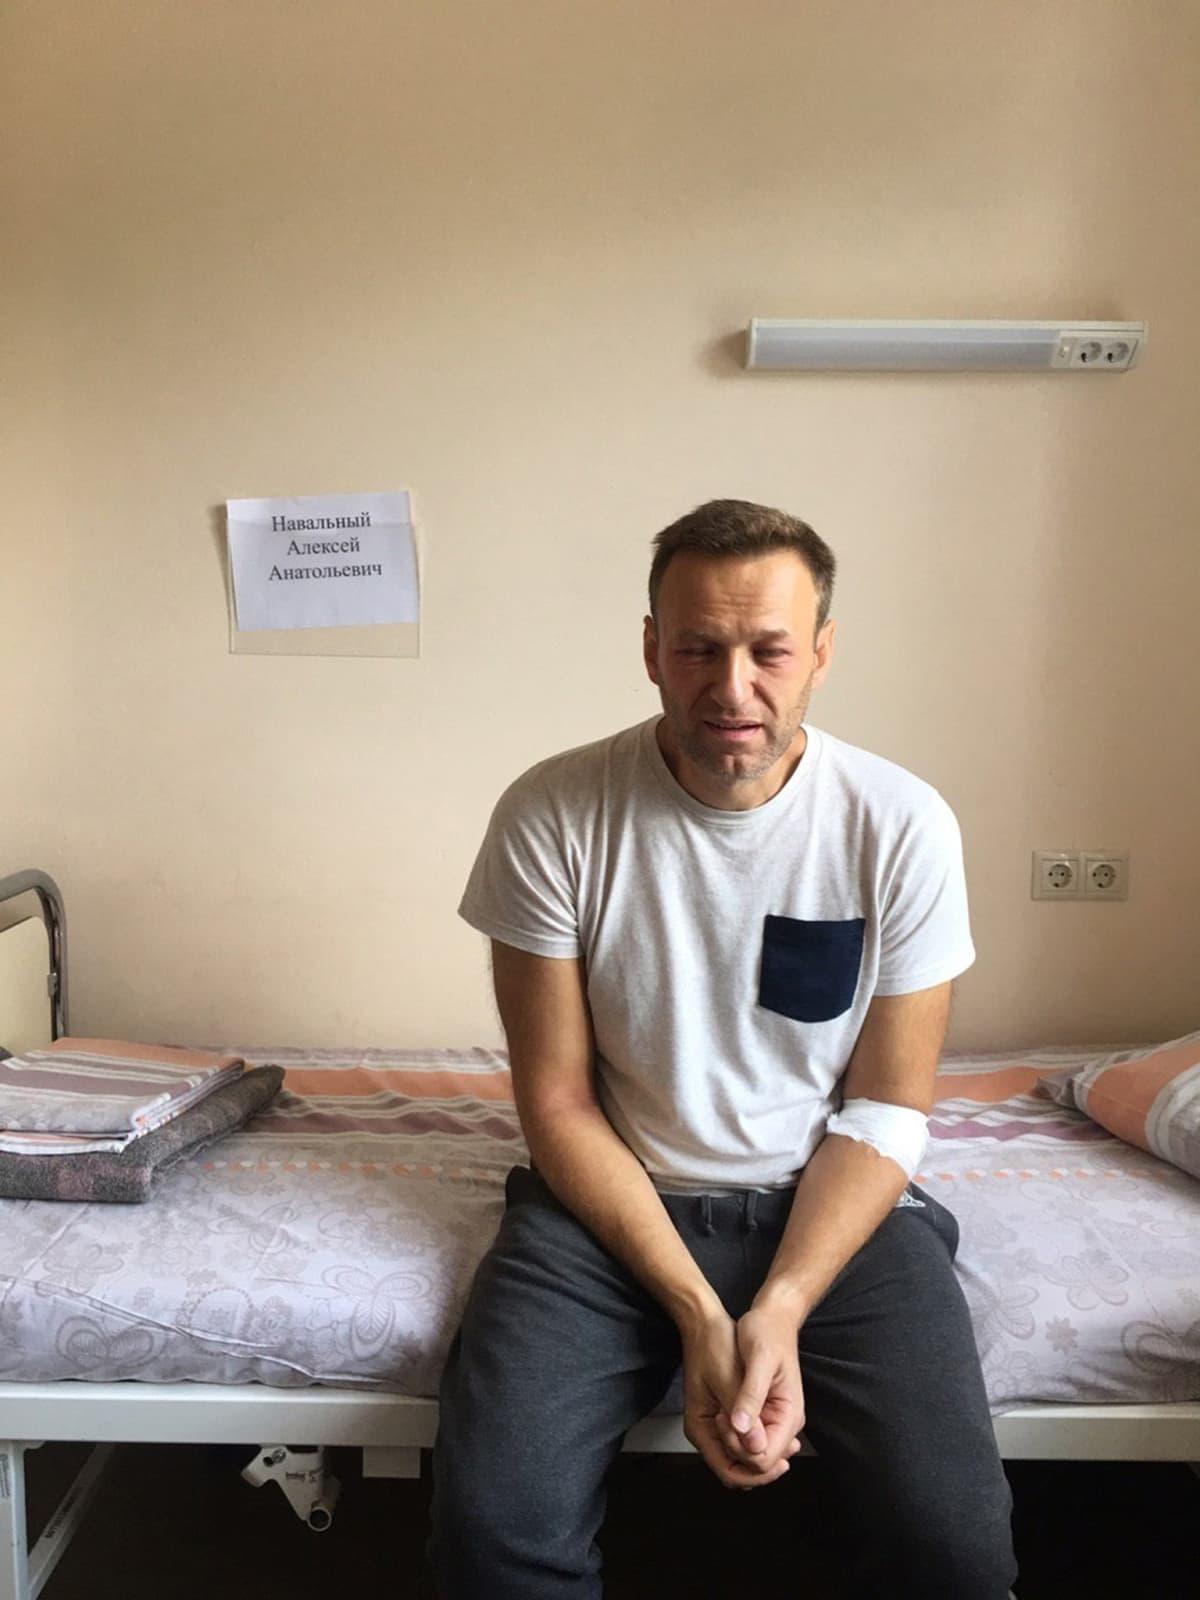 Aleksei Navalnyi istuu sängyllä.